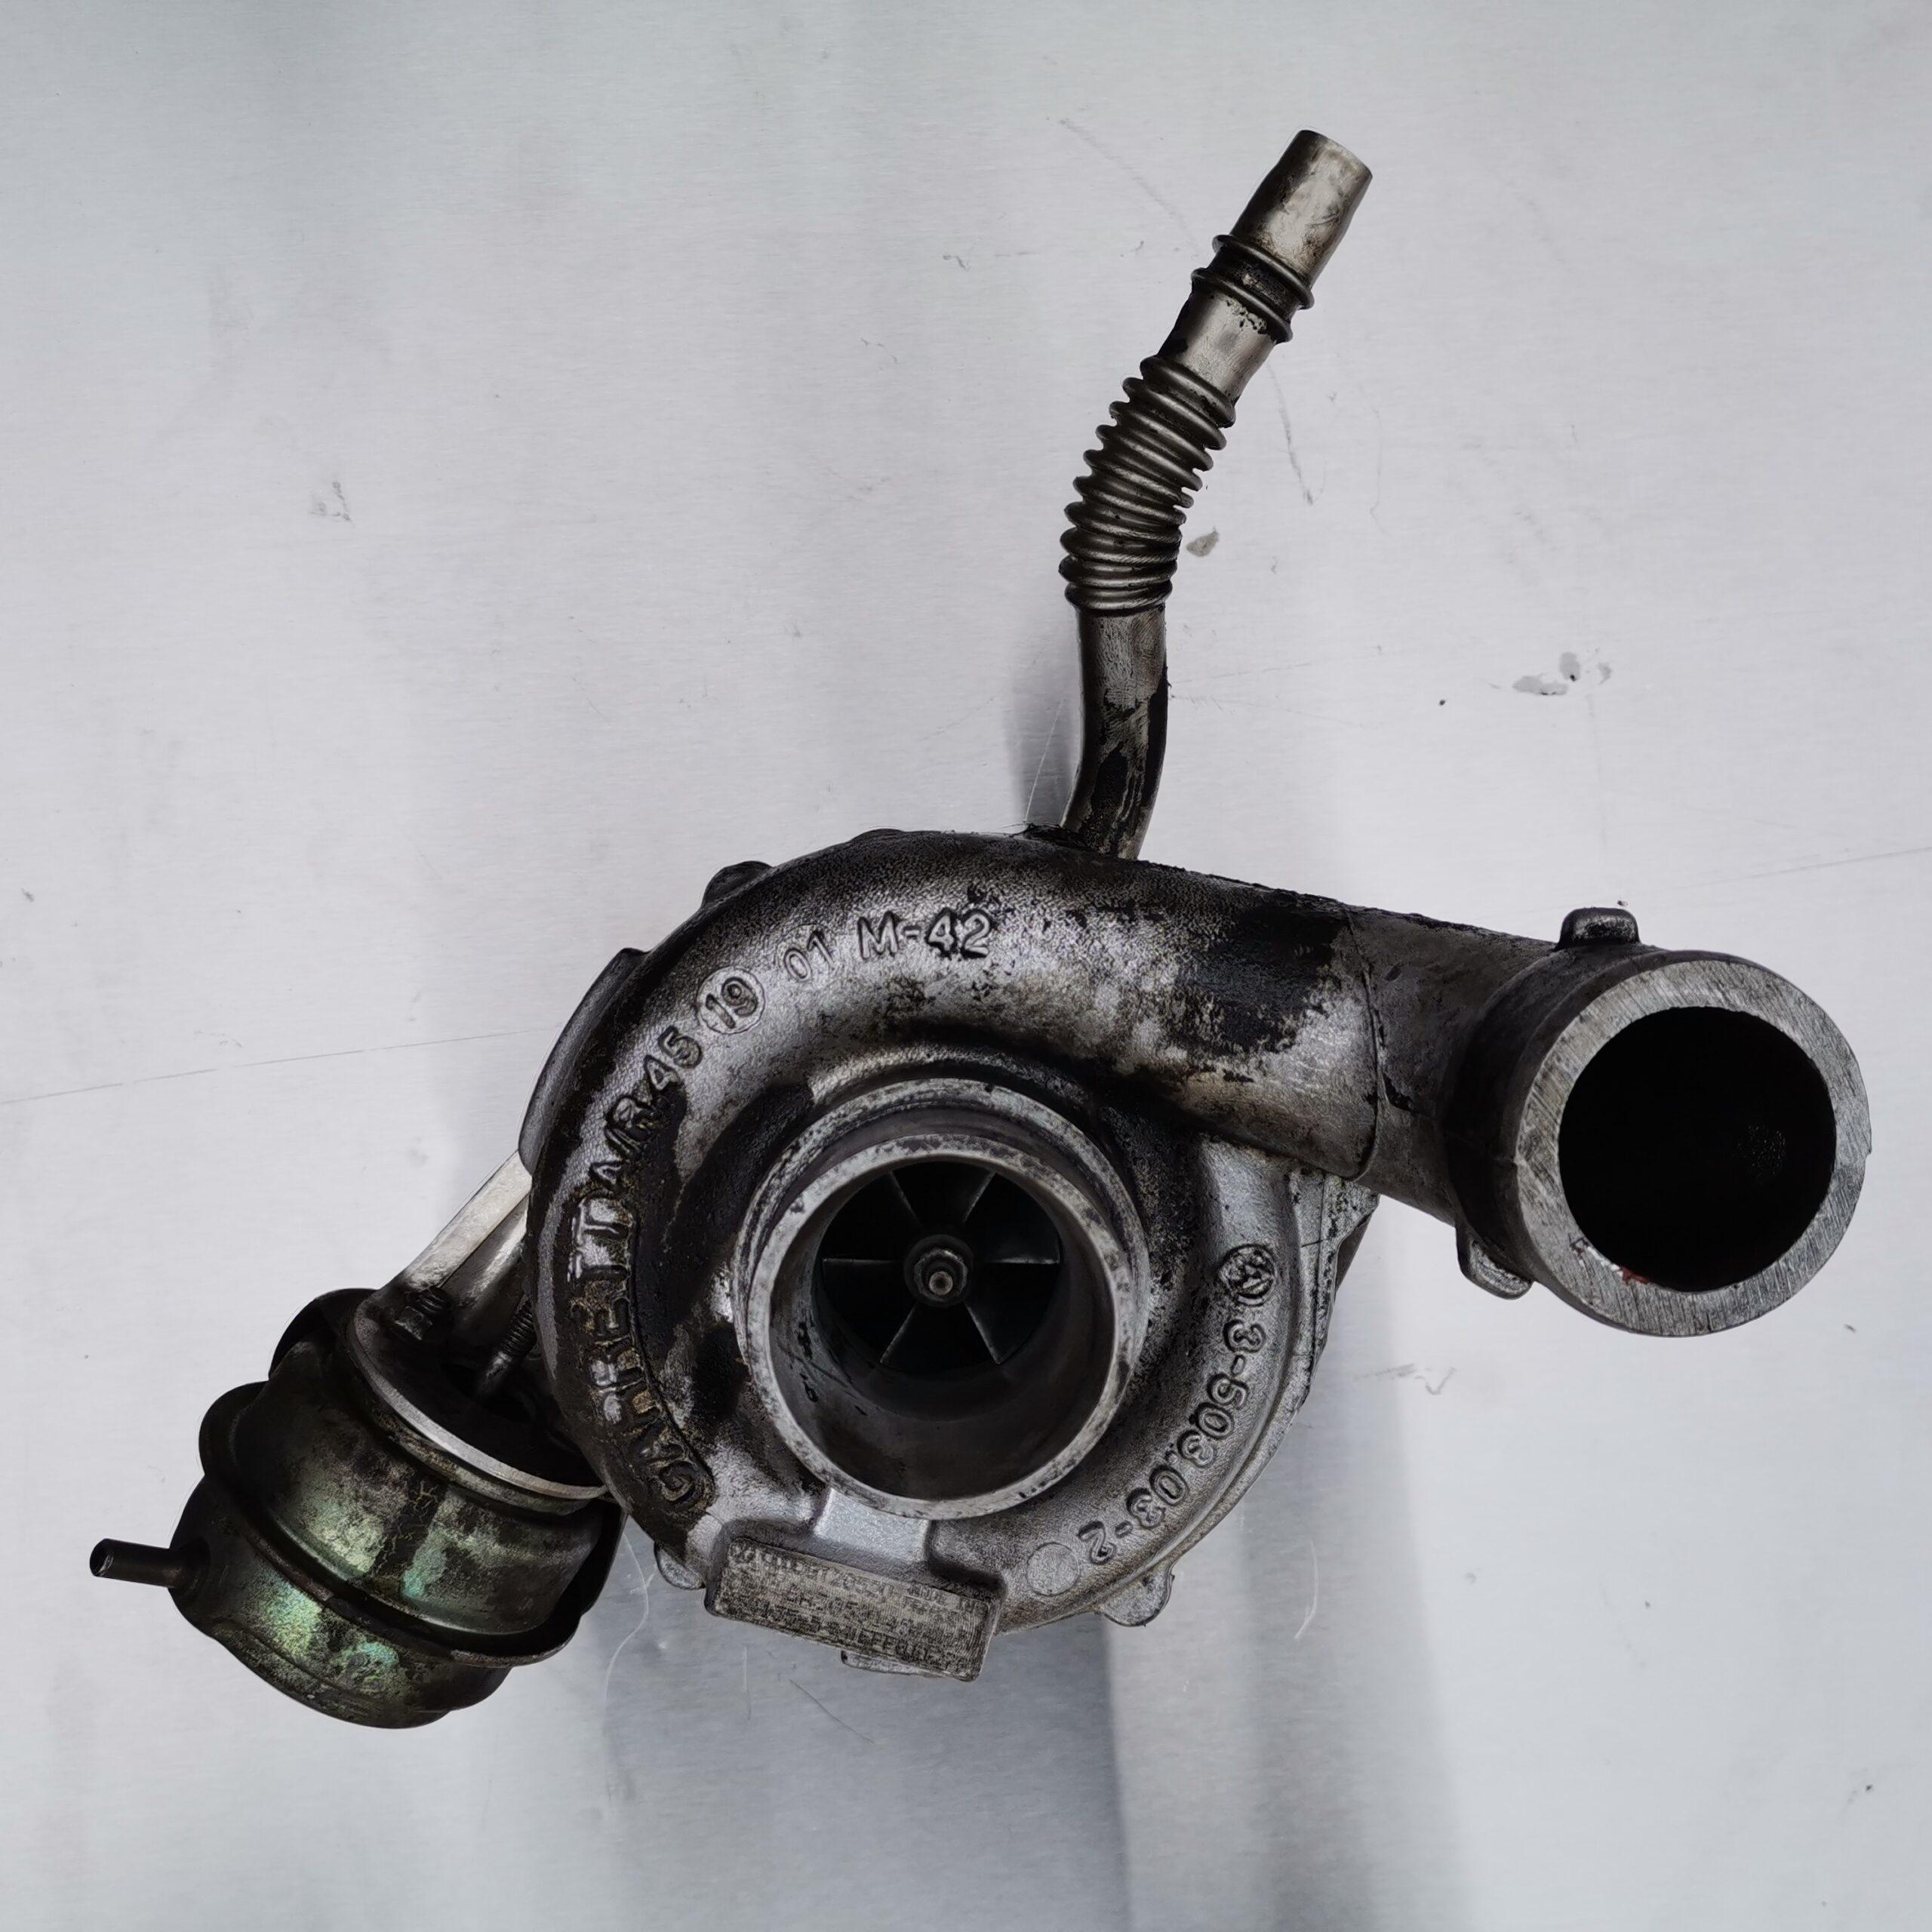 Турбокомпрессор в масле, Audi A6 2.5 TDI